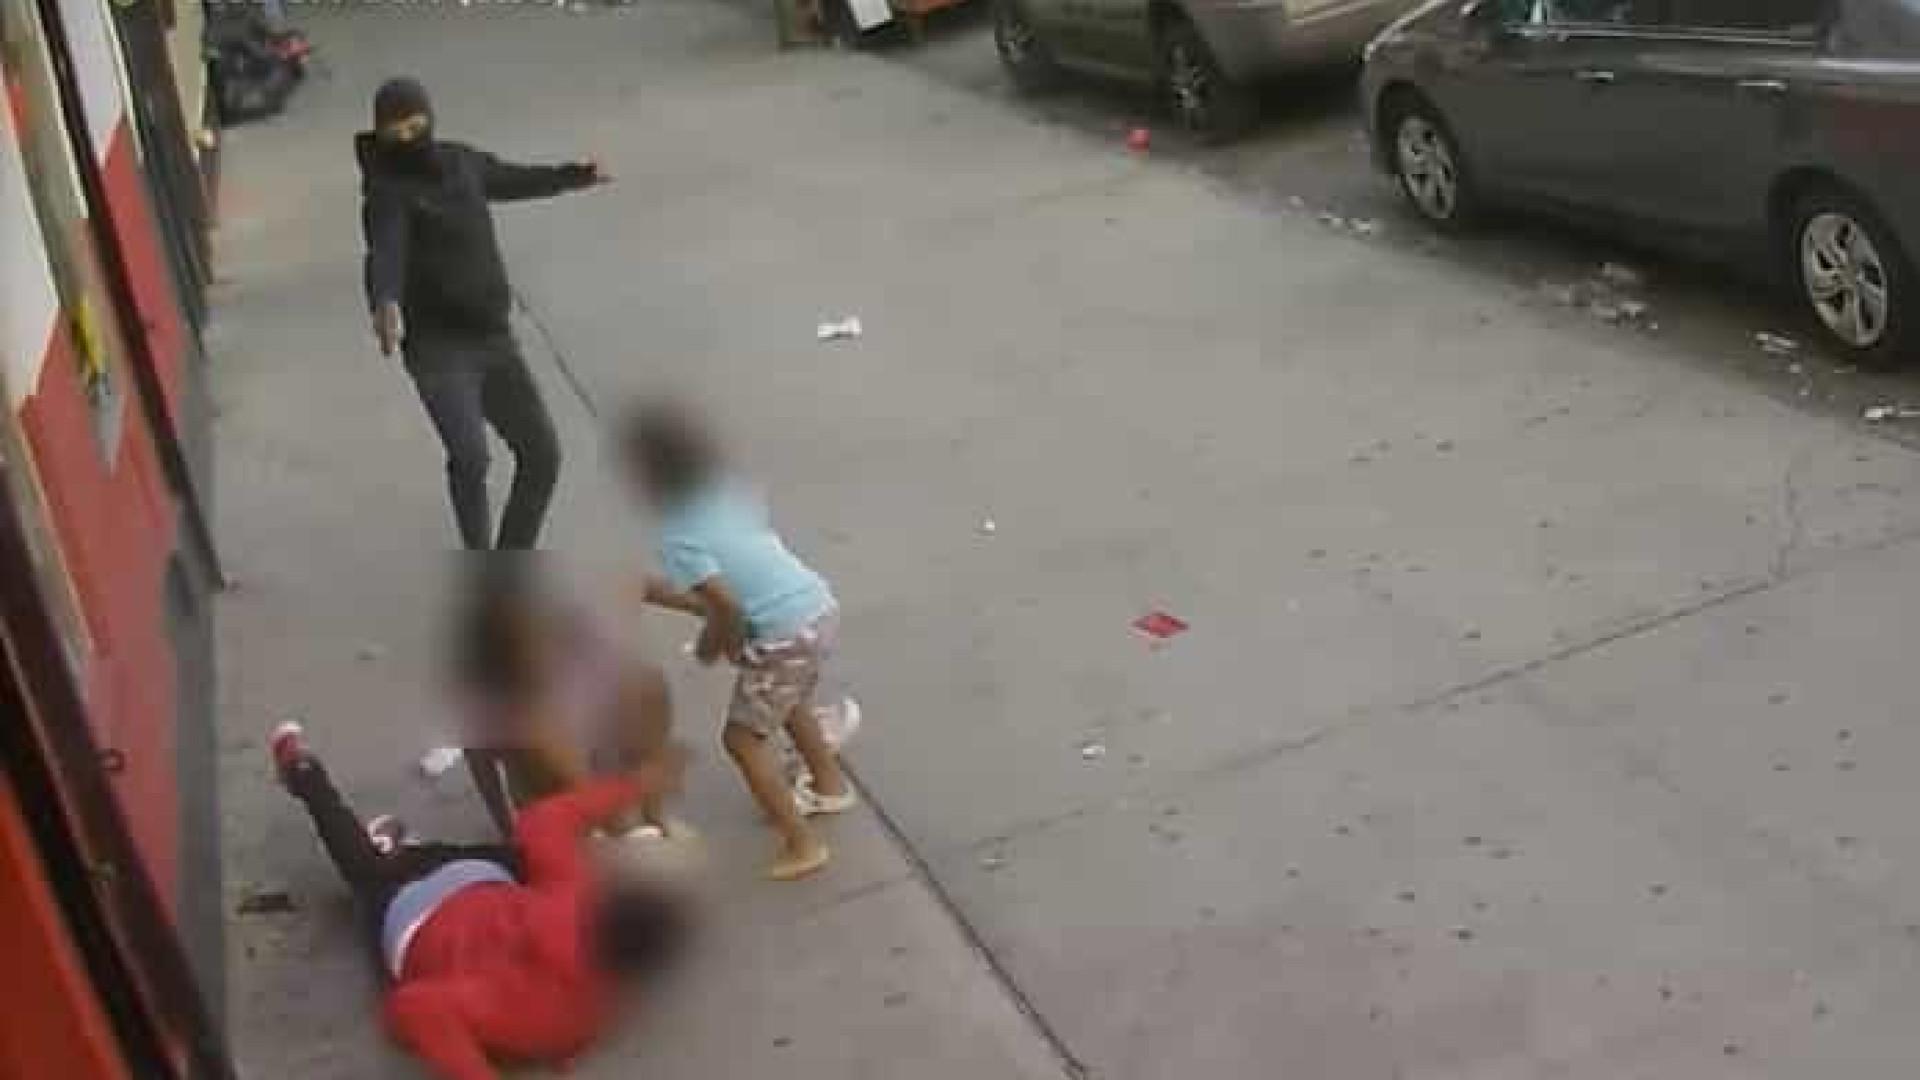 Atirador abre fogo contra homem ao lado de crianças em Nova York; vídeo